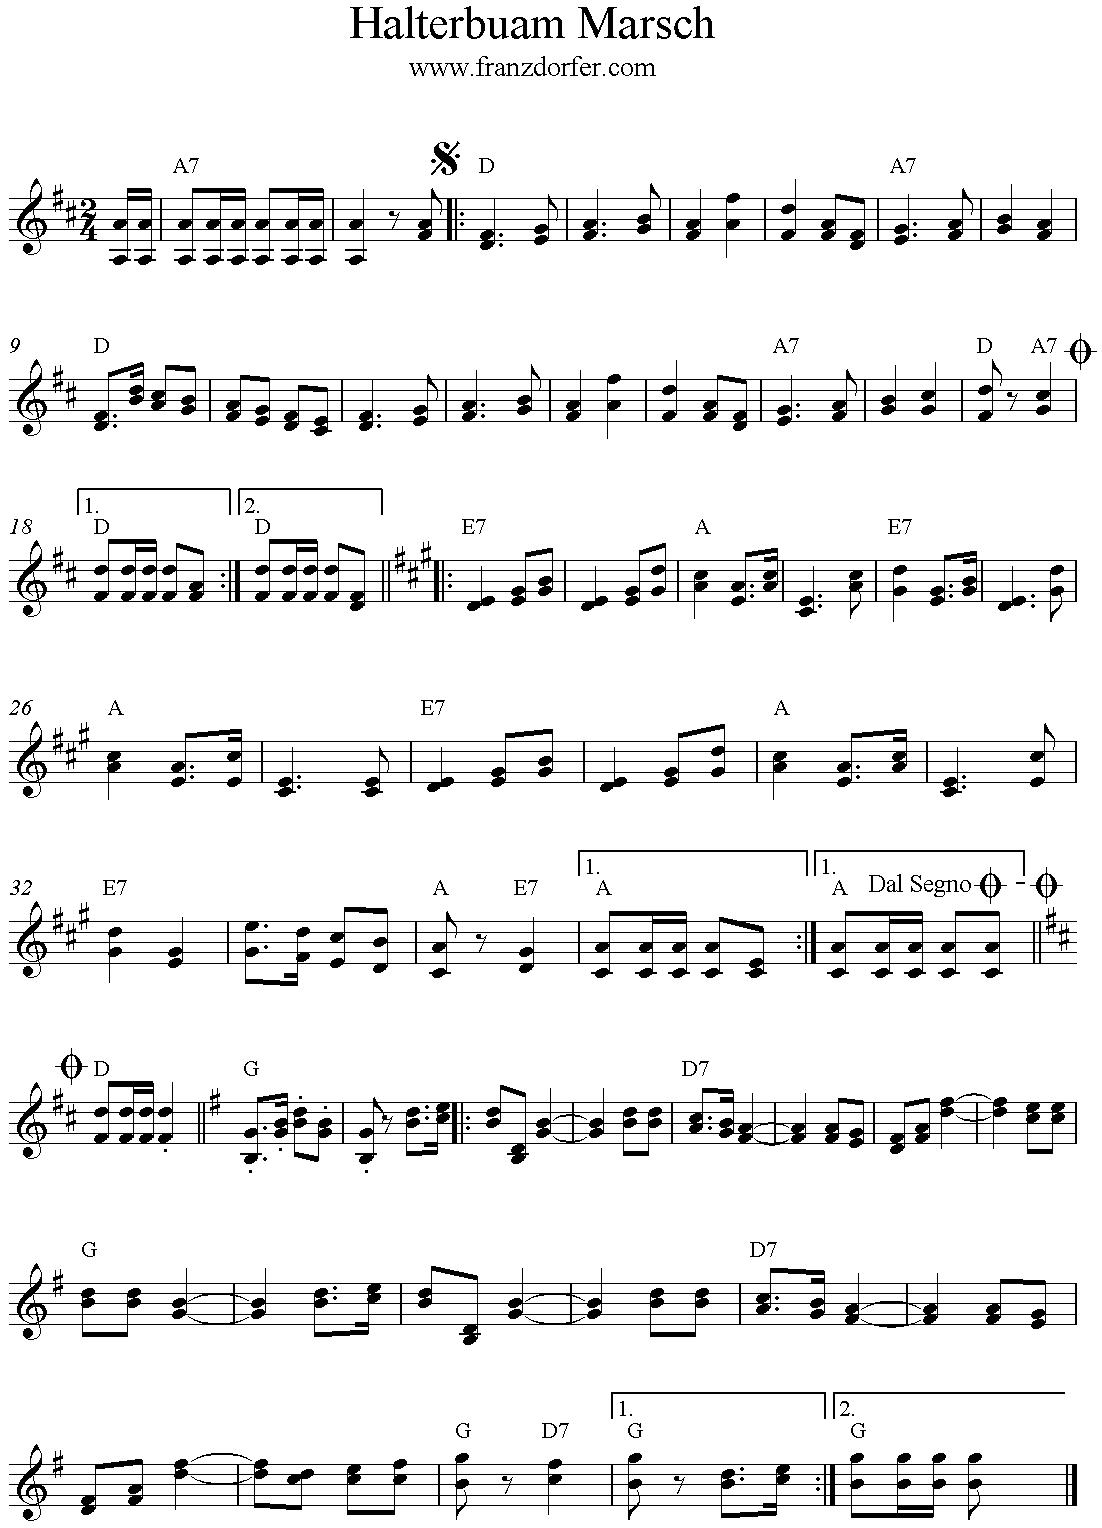 Noten Halterbuam Marsch 2stimmig, D-Dur, Klarinette